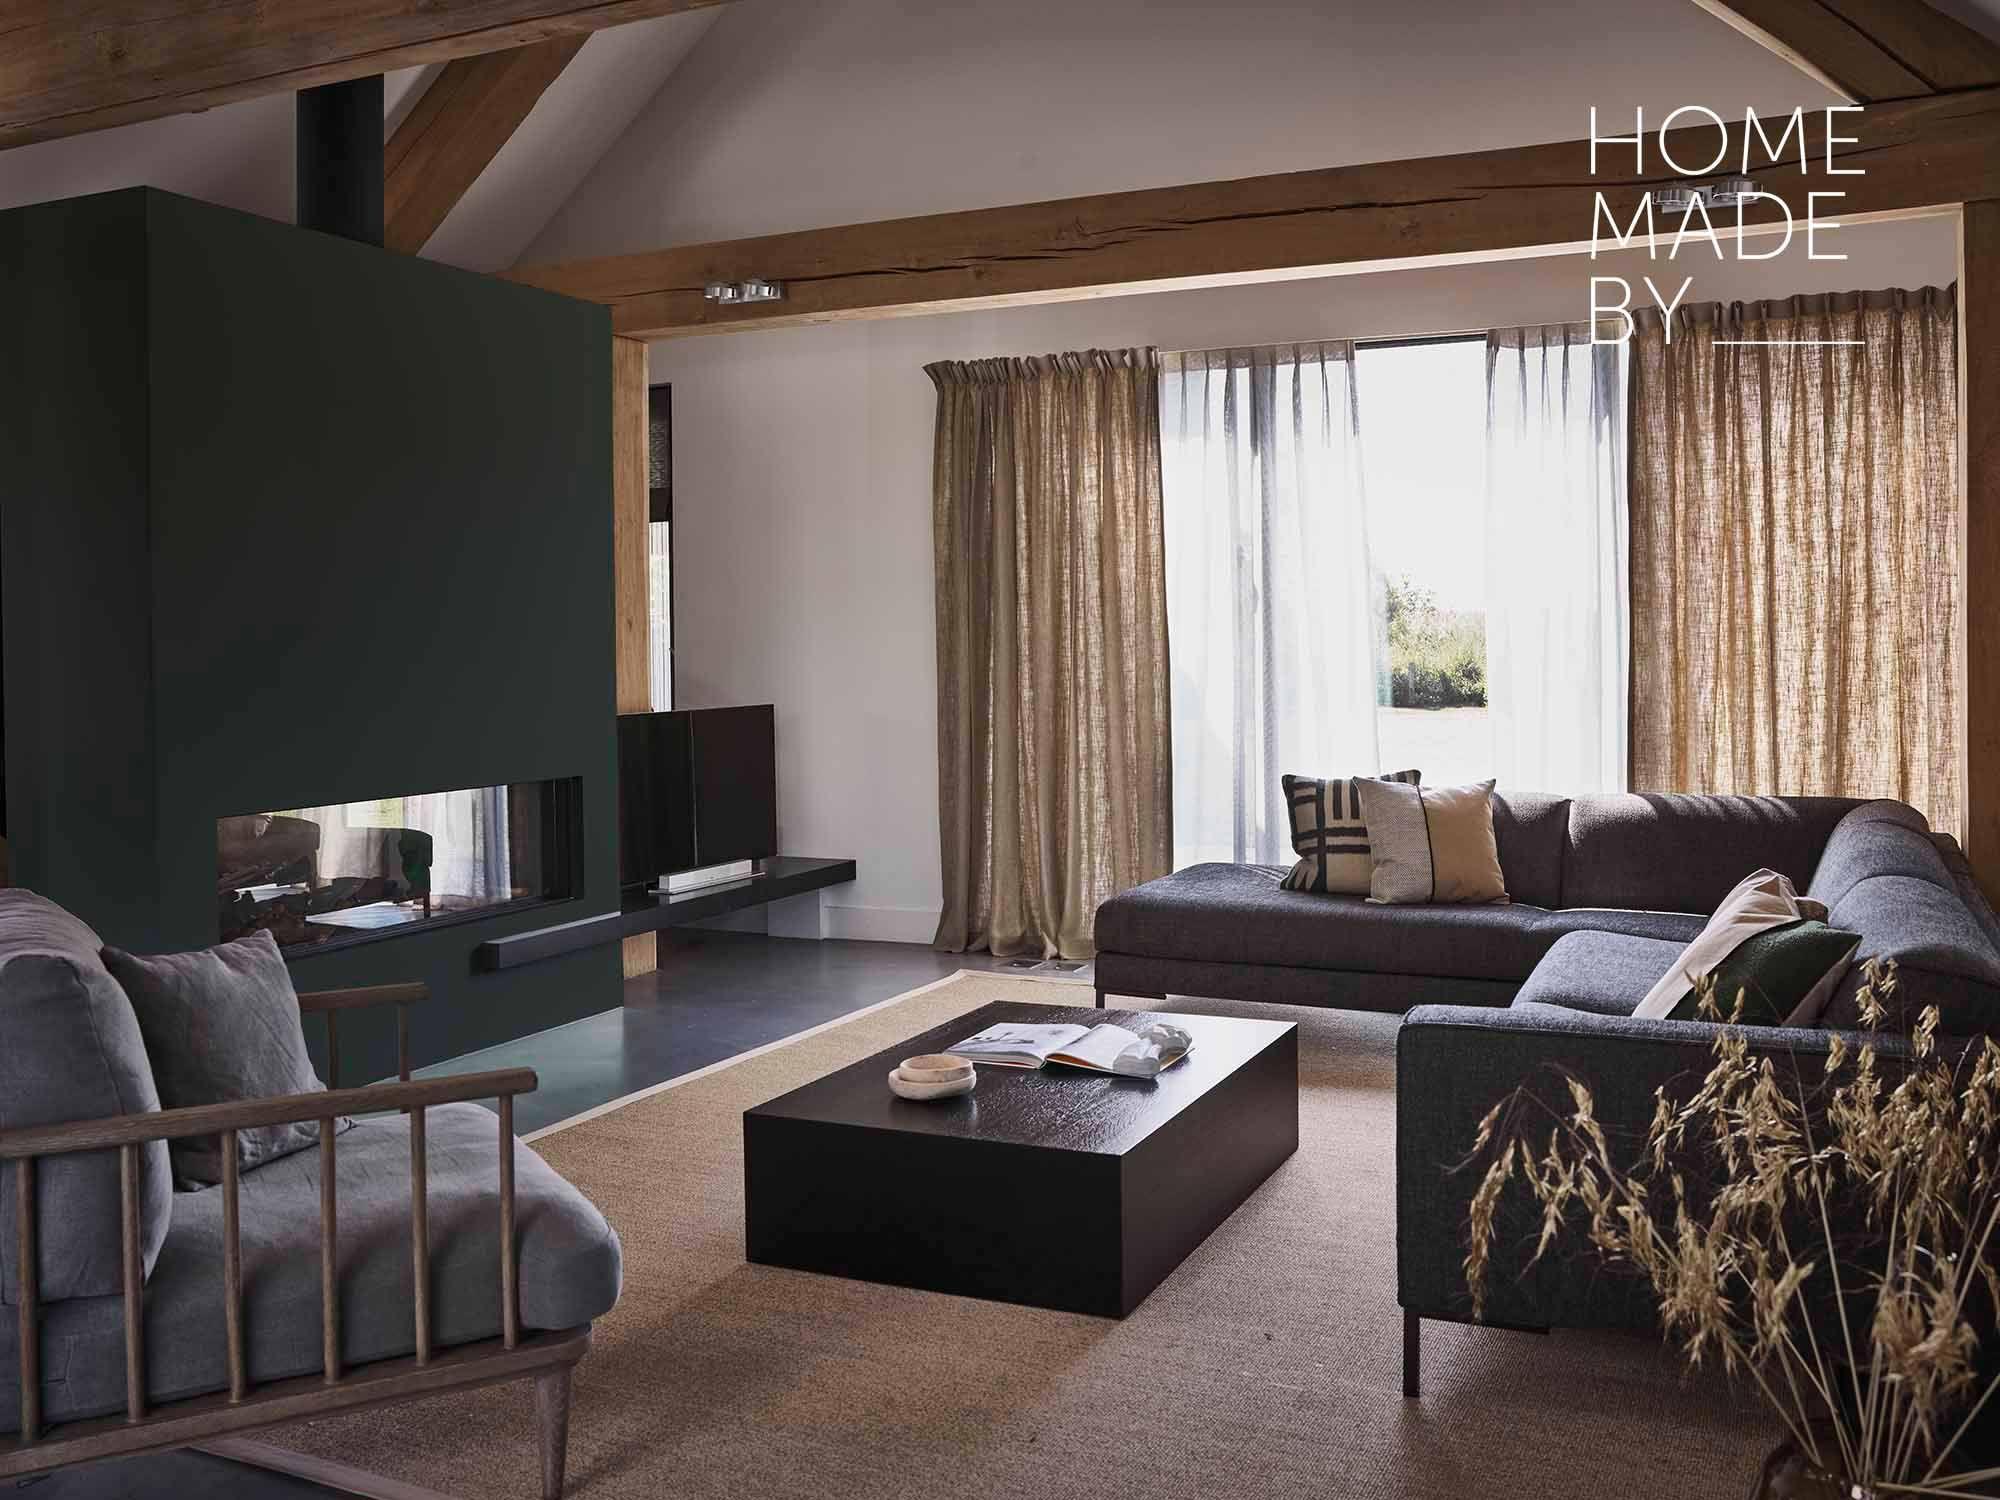 Home Story Barn Woonkamer Thuisdecoratie Gordijnen Wonen